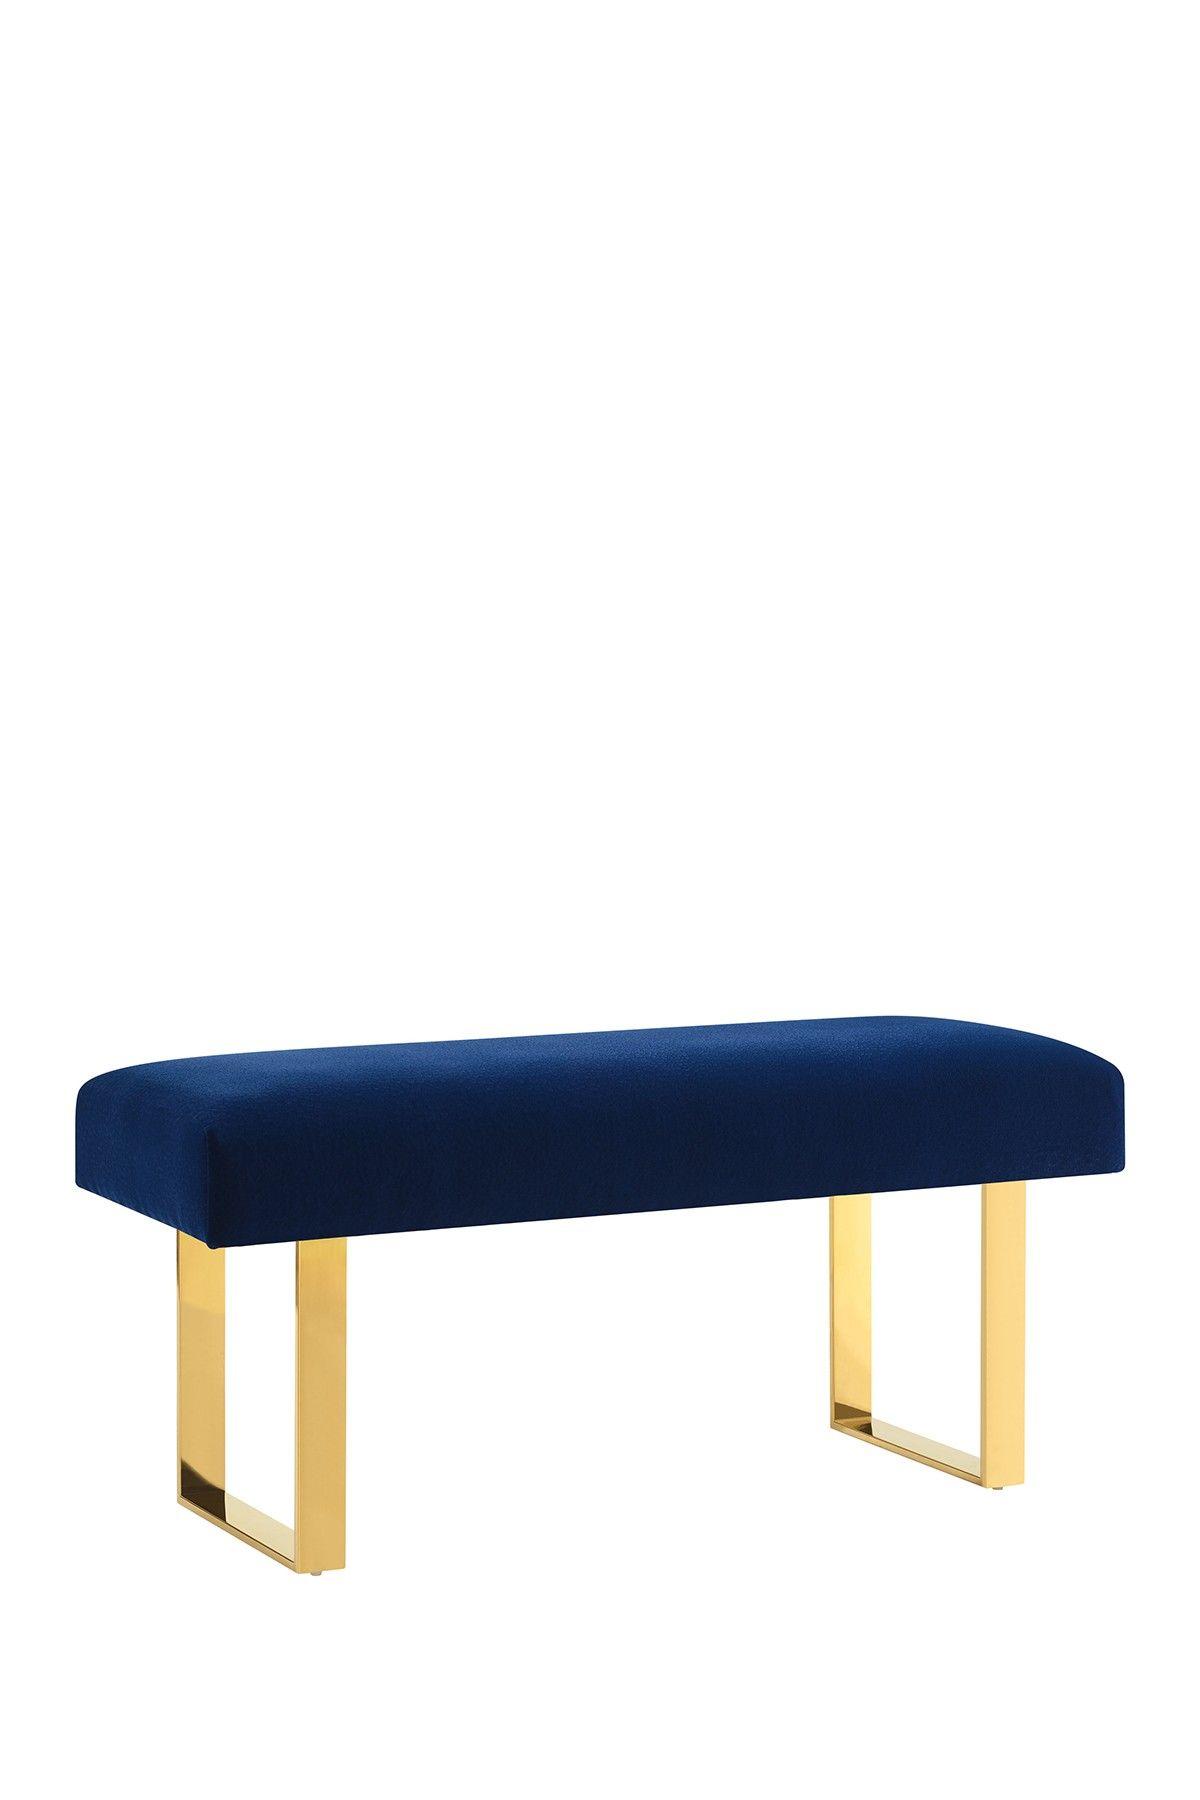 Alexis Velvet Bench By TOV Furniture On @HauteLook